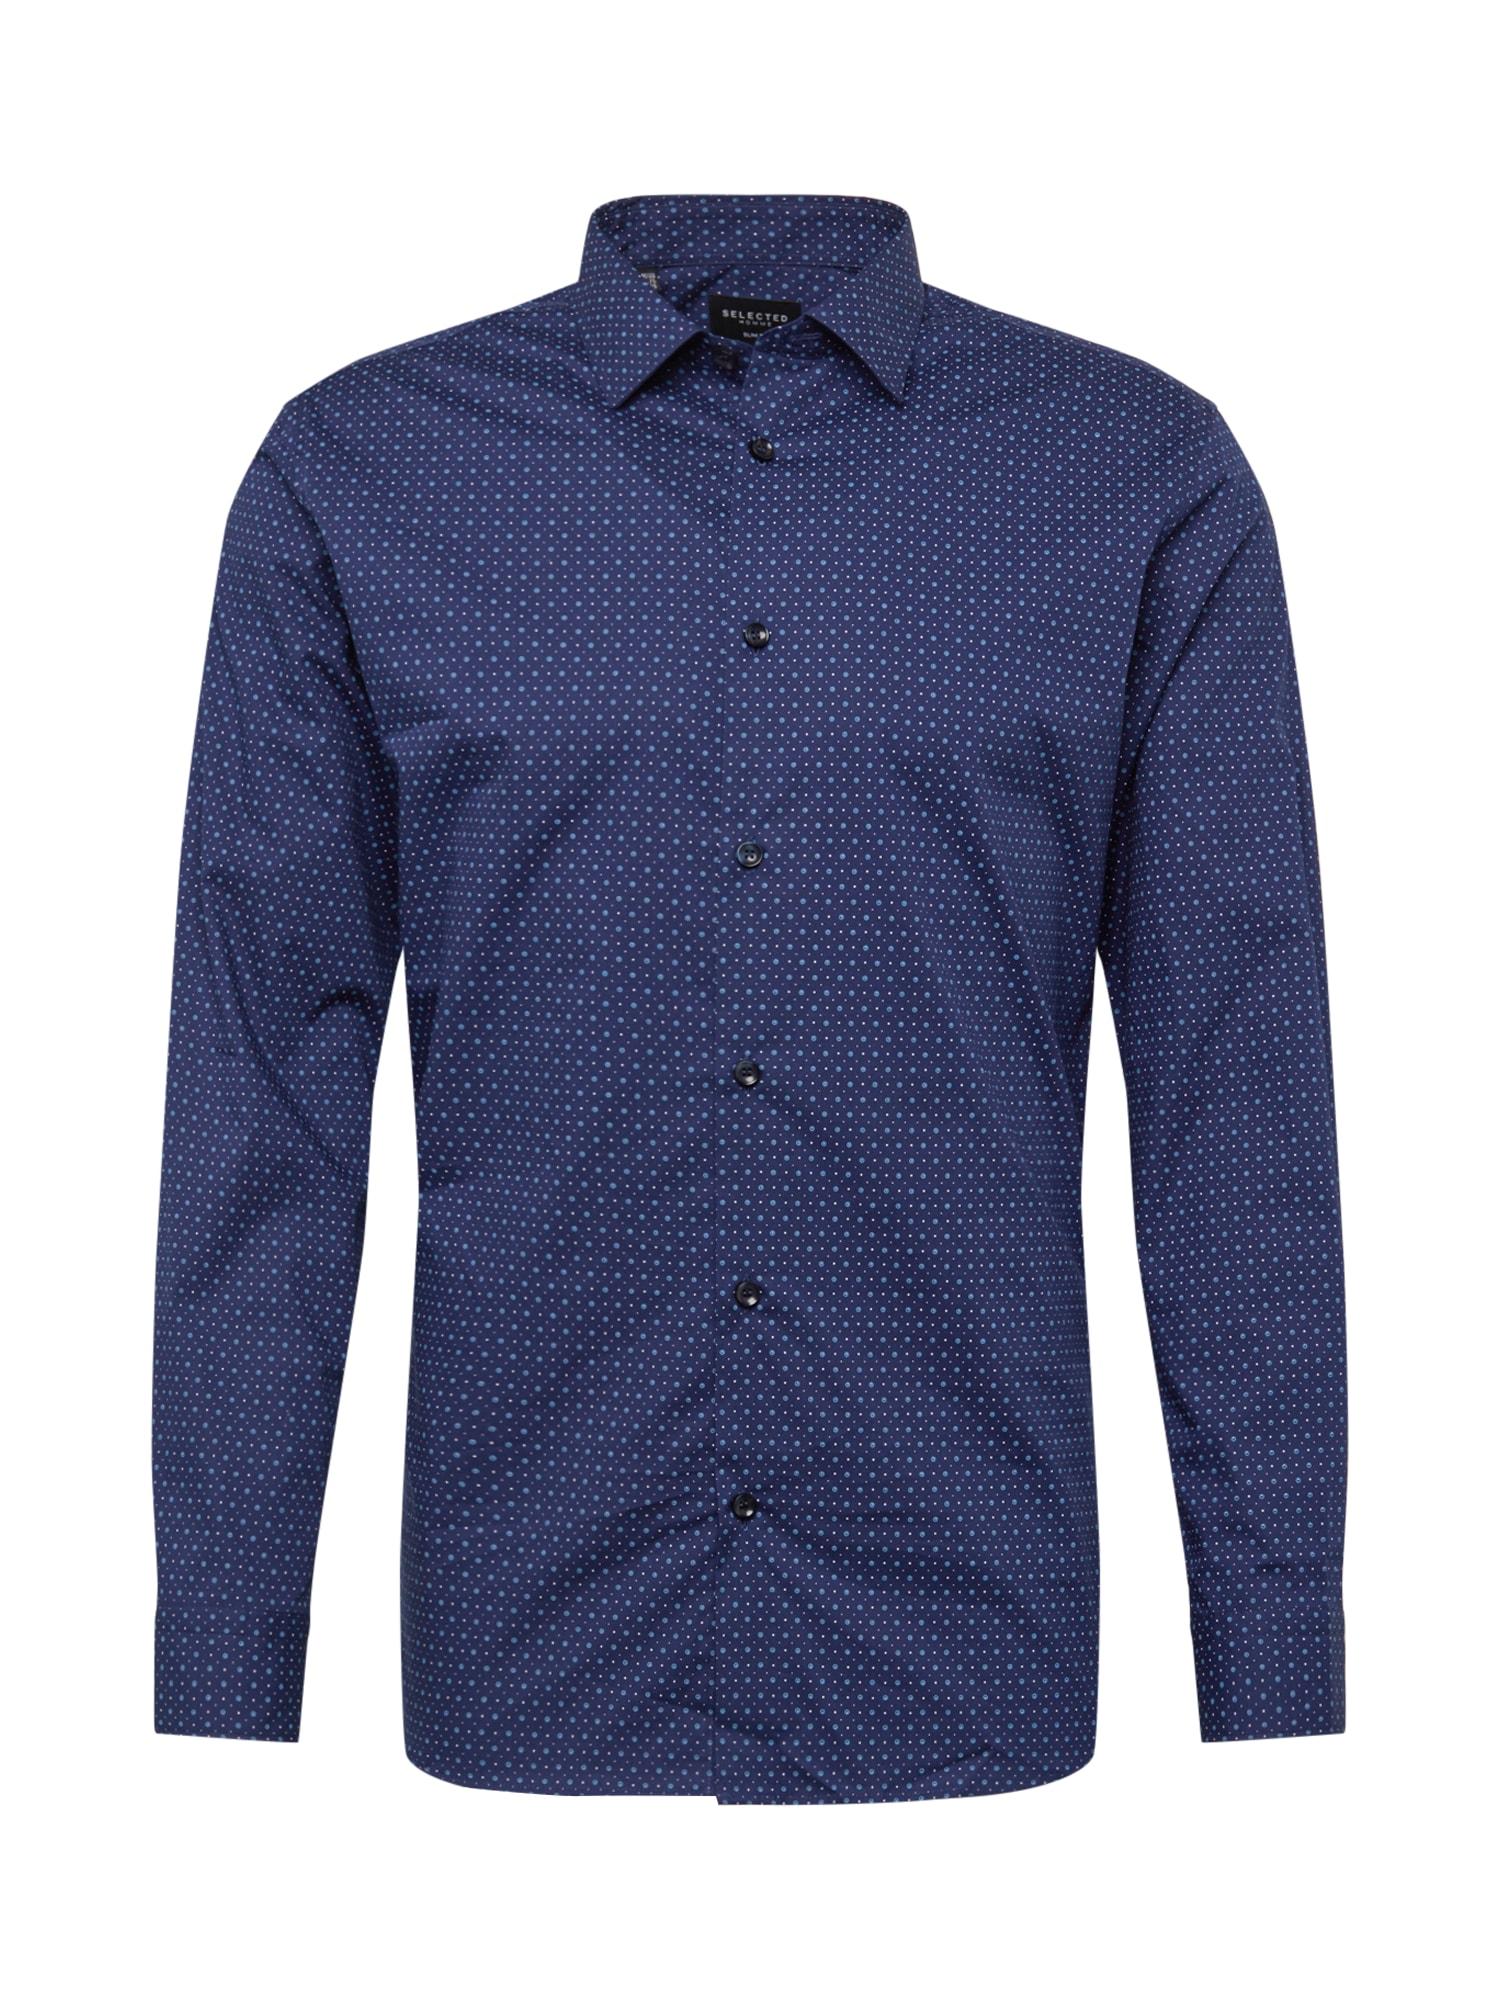 Společenská košile indigo SELECTED HOMME